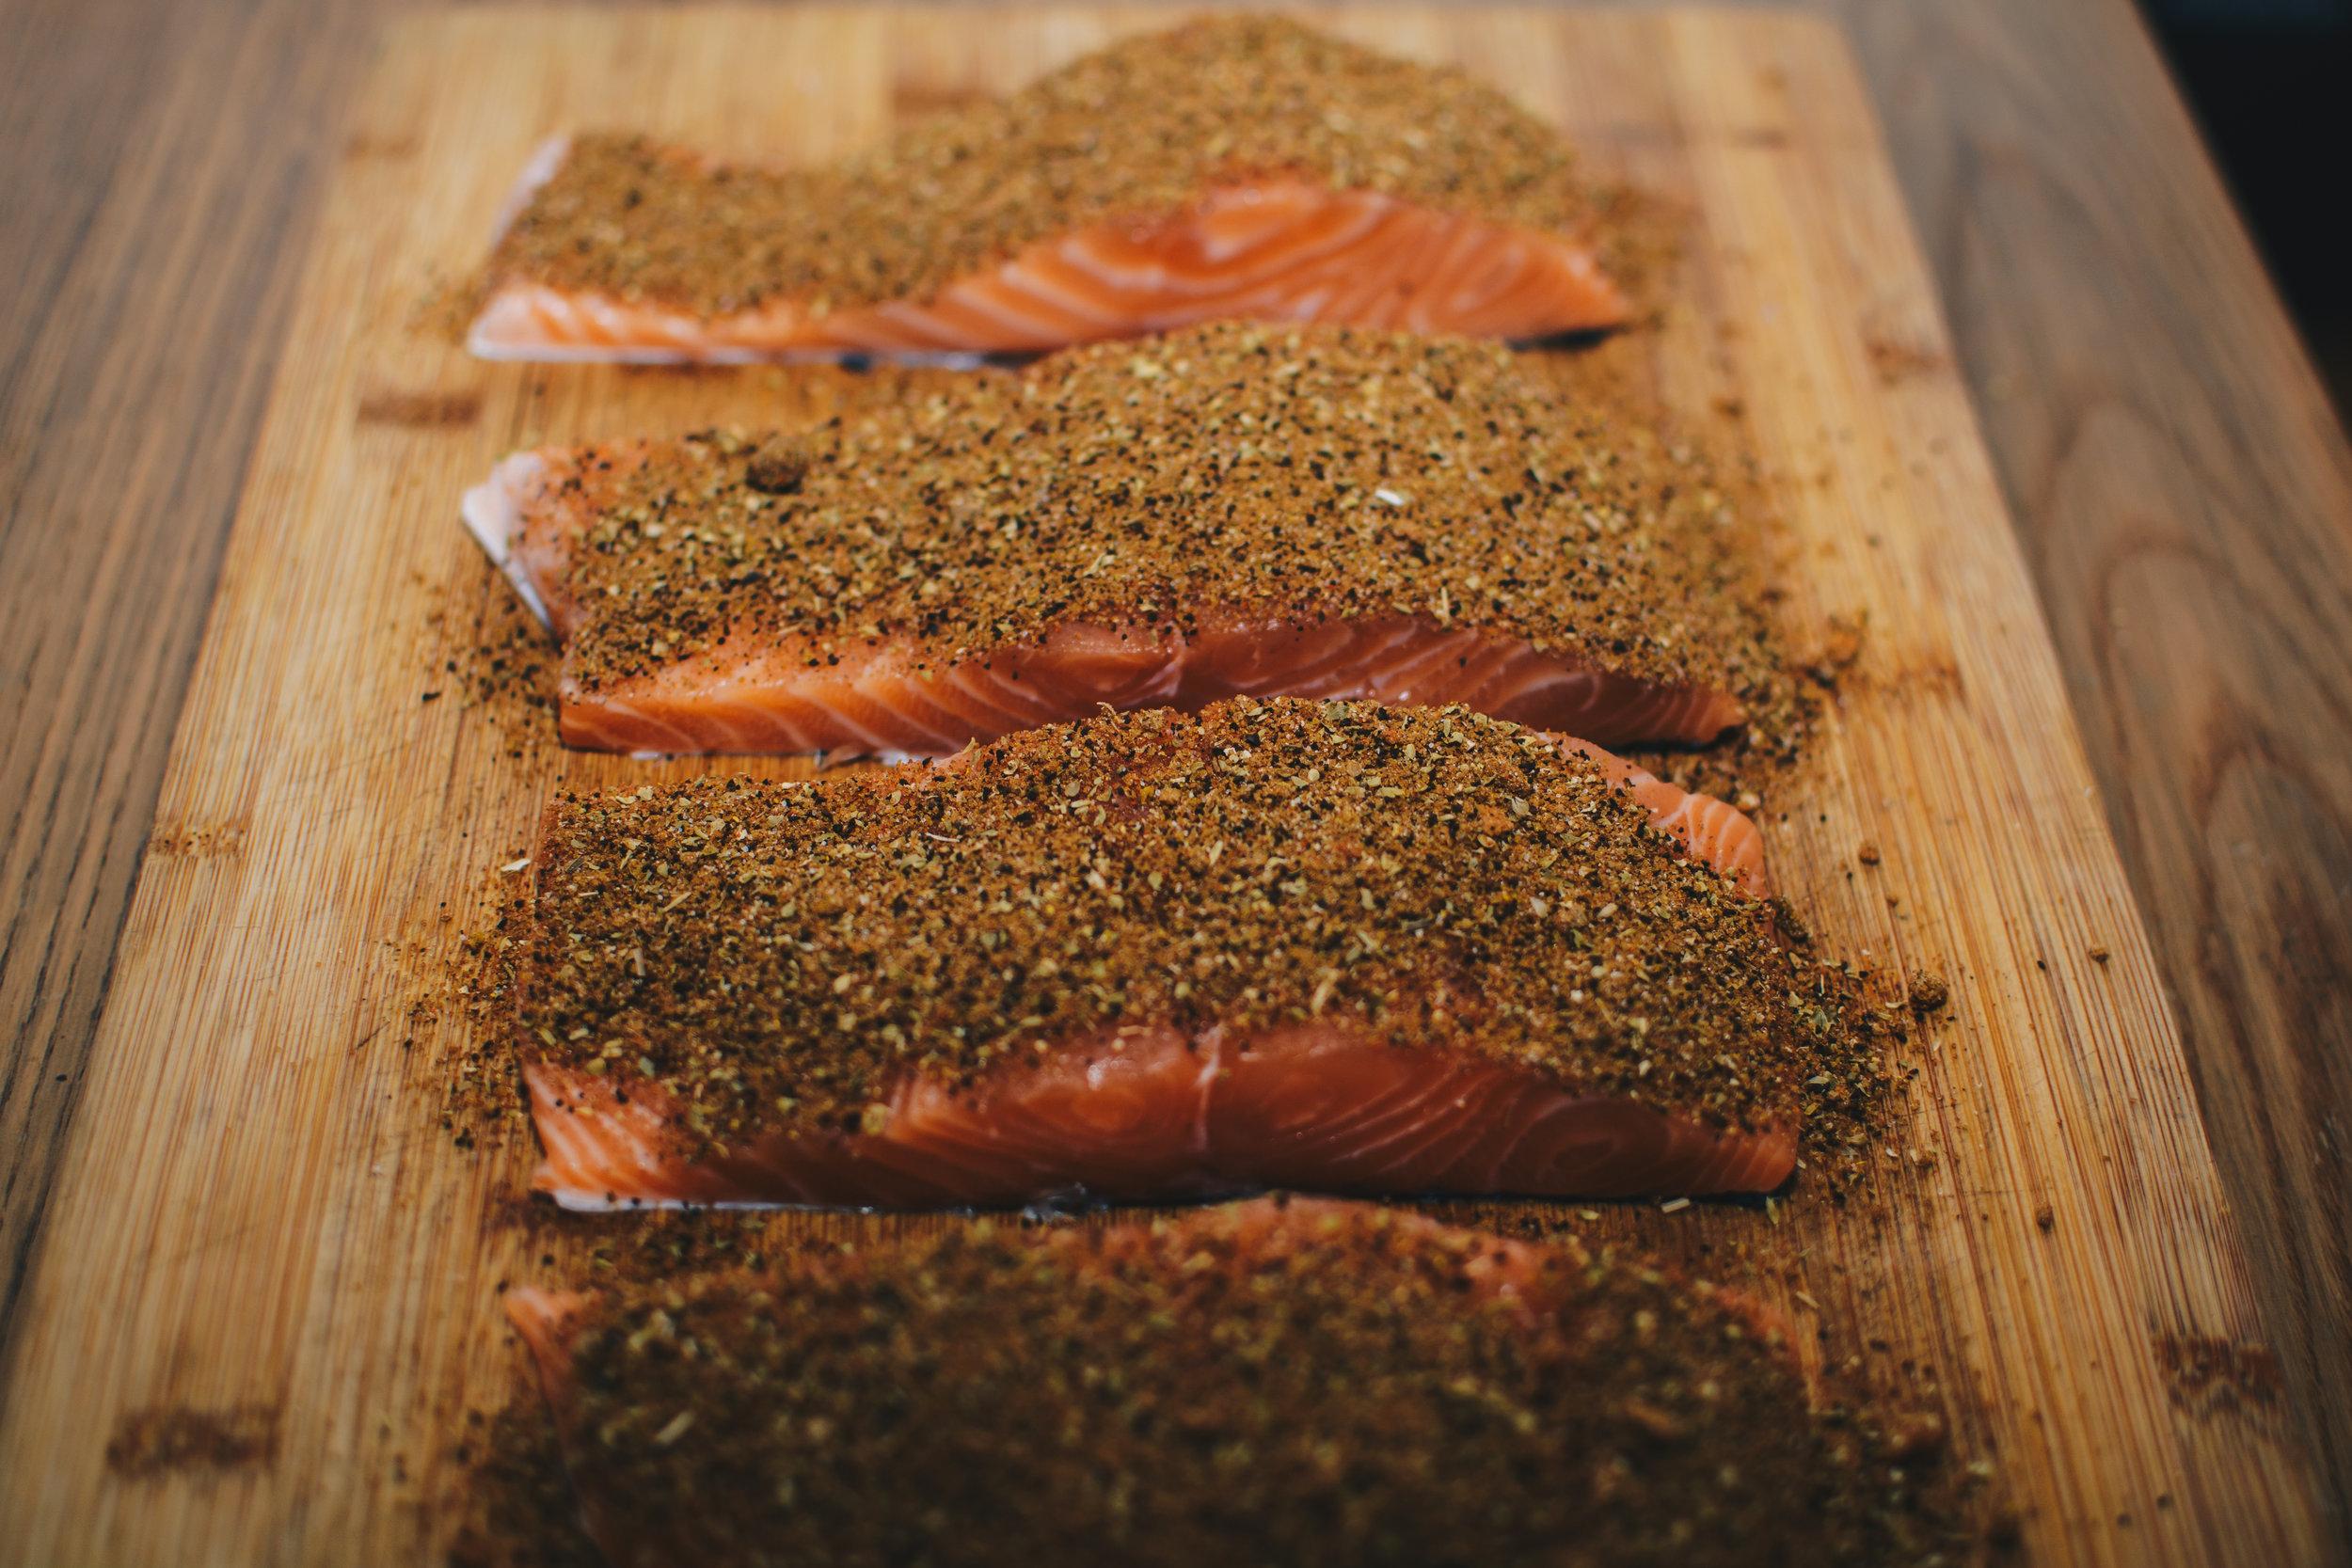 raw salmon spice mix